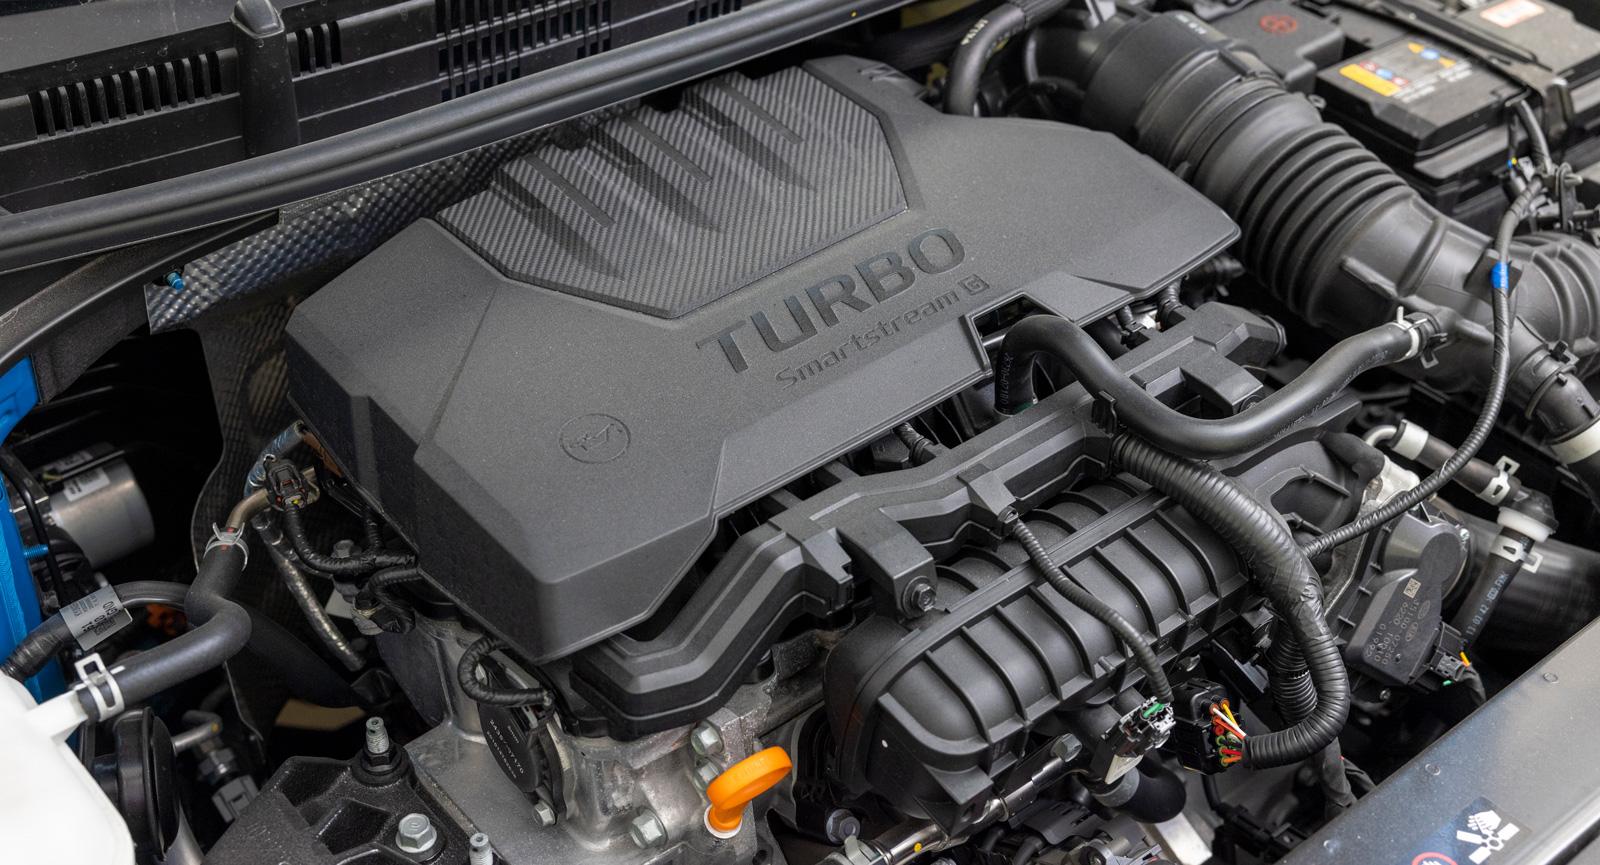 Kia skyler de 120 hästkrafterna under en ljuddämpande kåpa. Här finns det turbo!